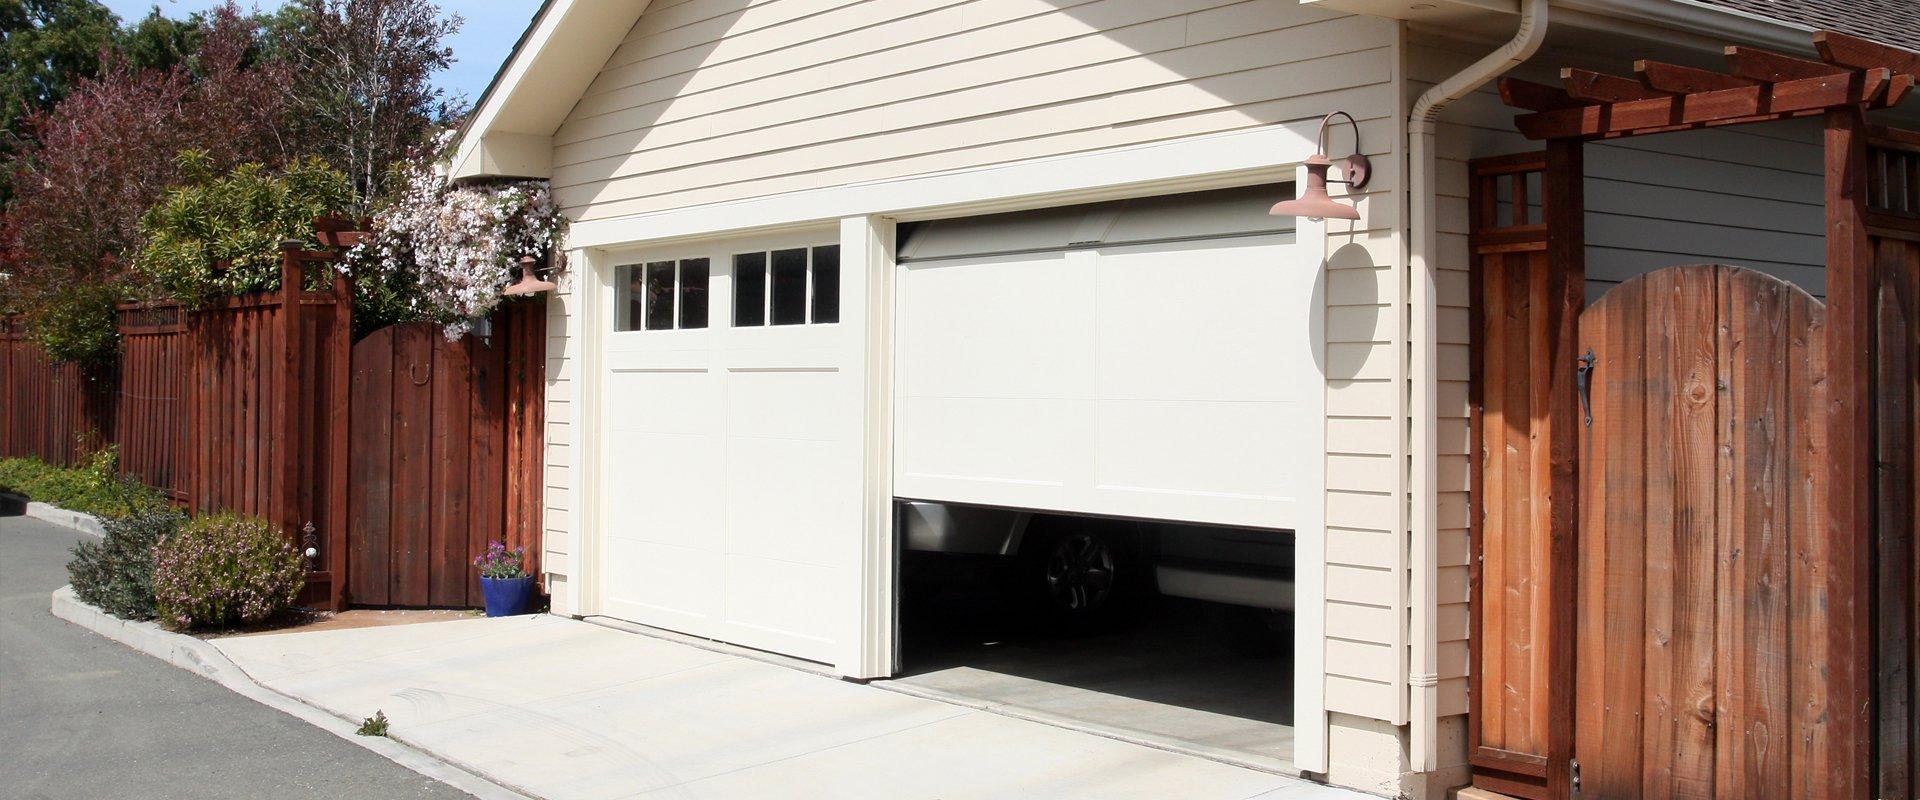 partially opened garage door